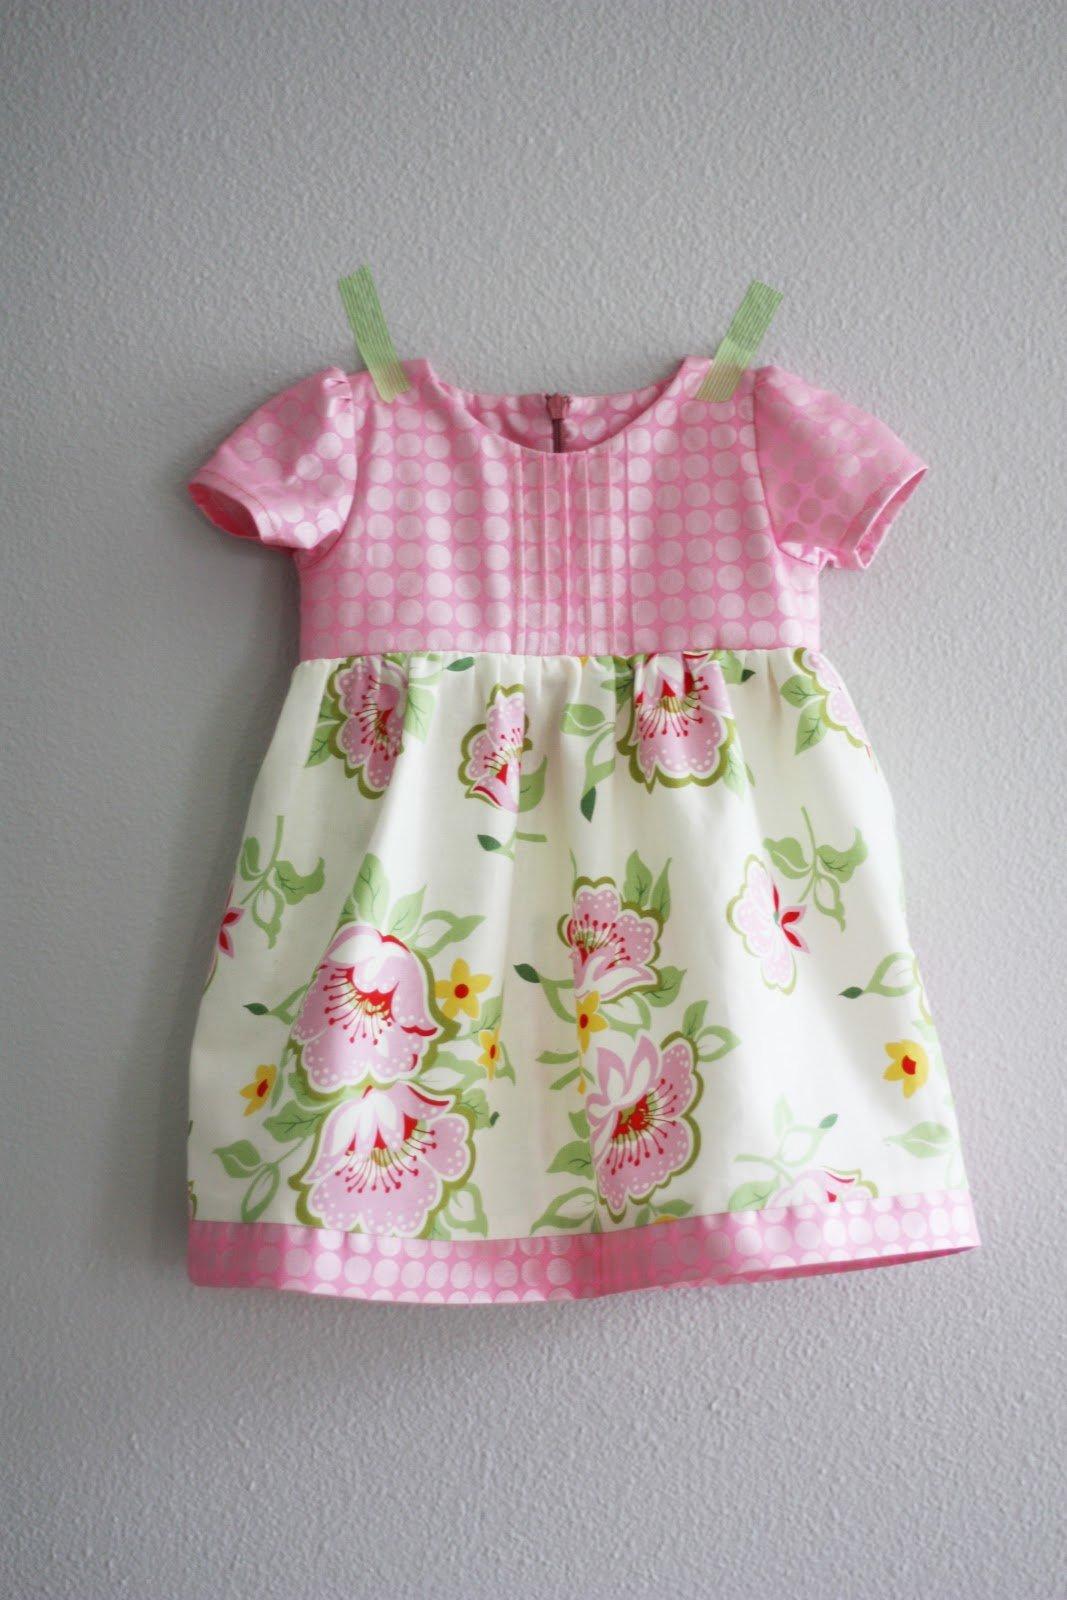 17 самых миленьких платьев для малышек со всего интернета, сшитых своими